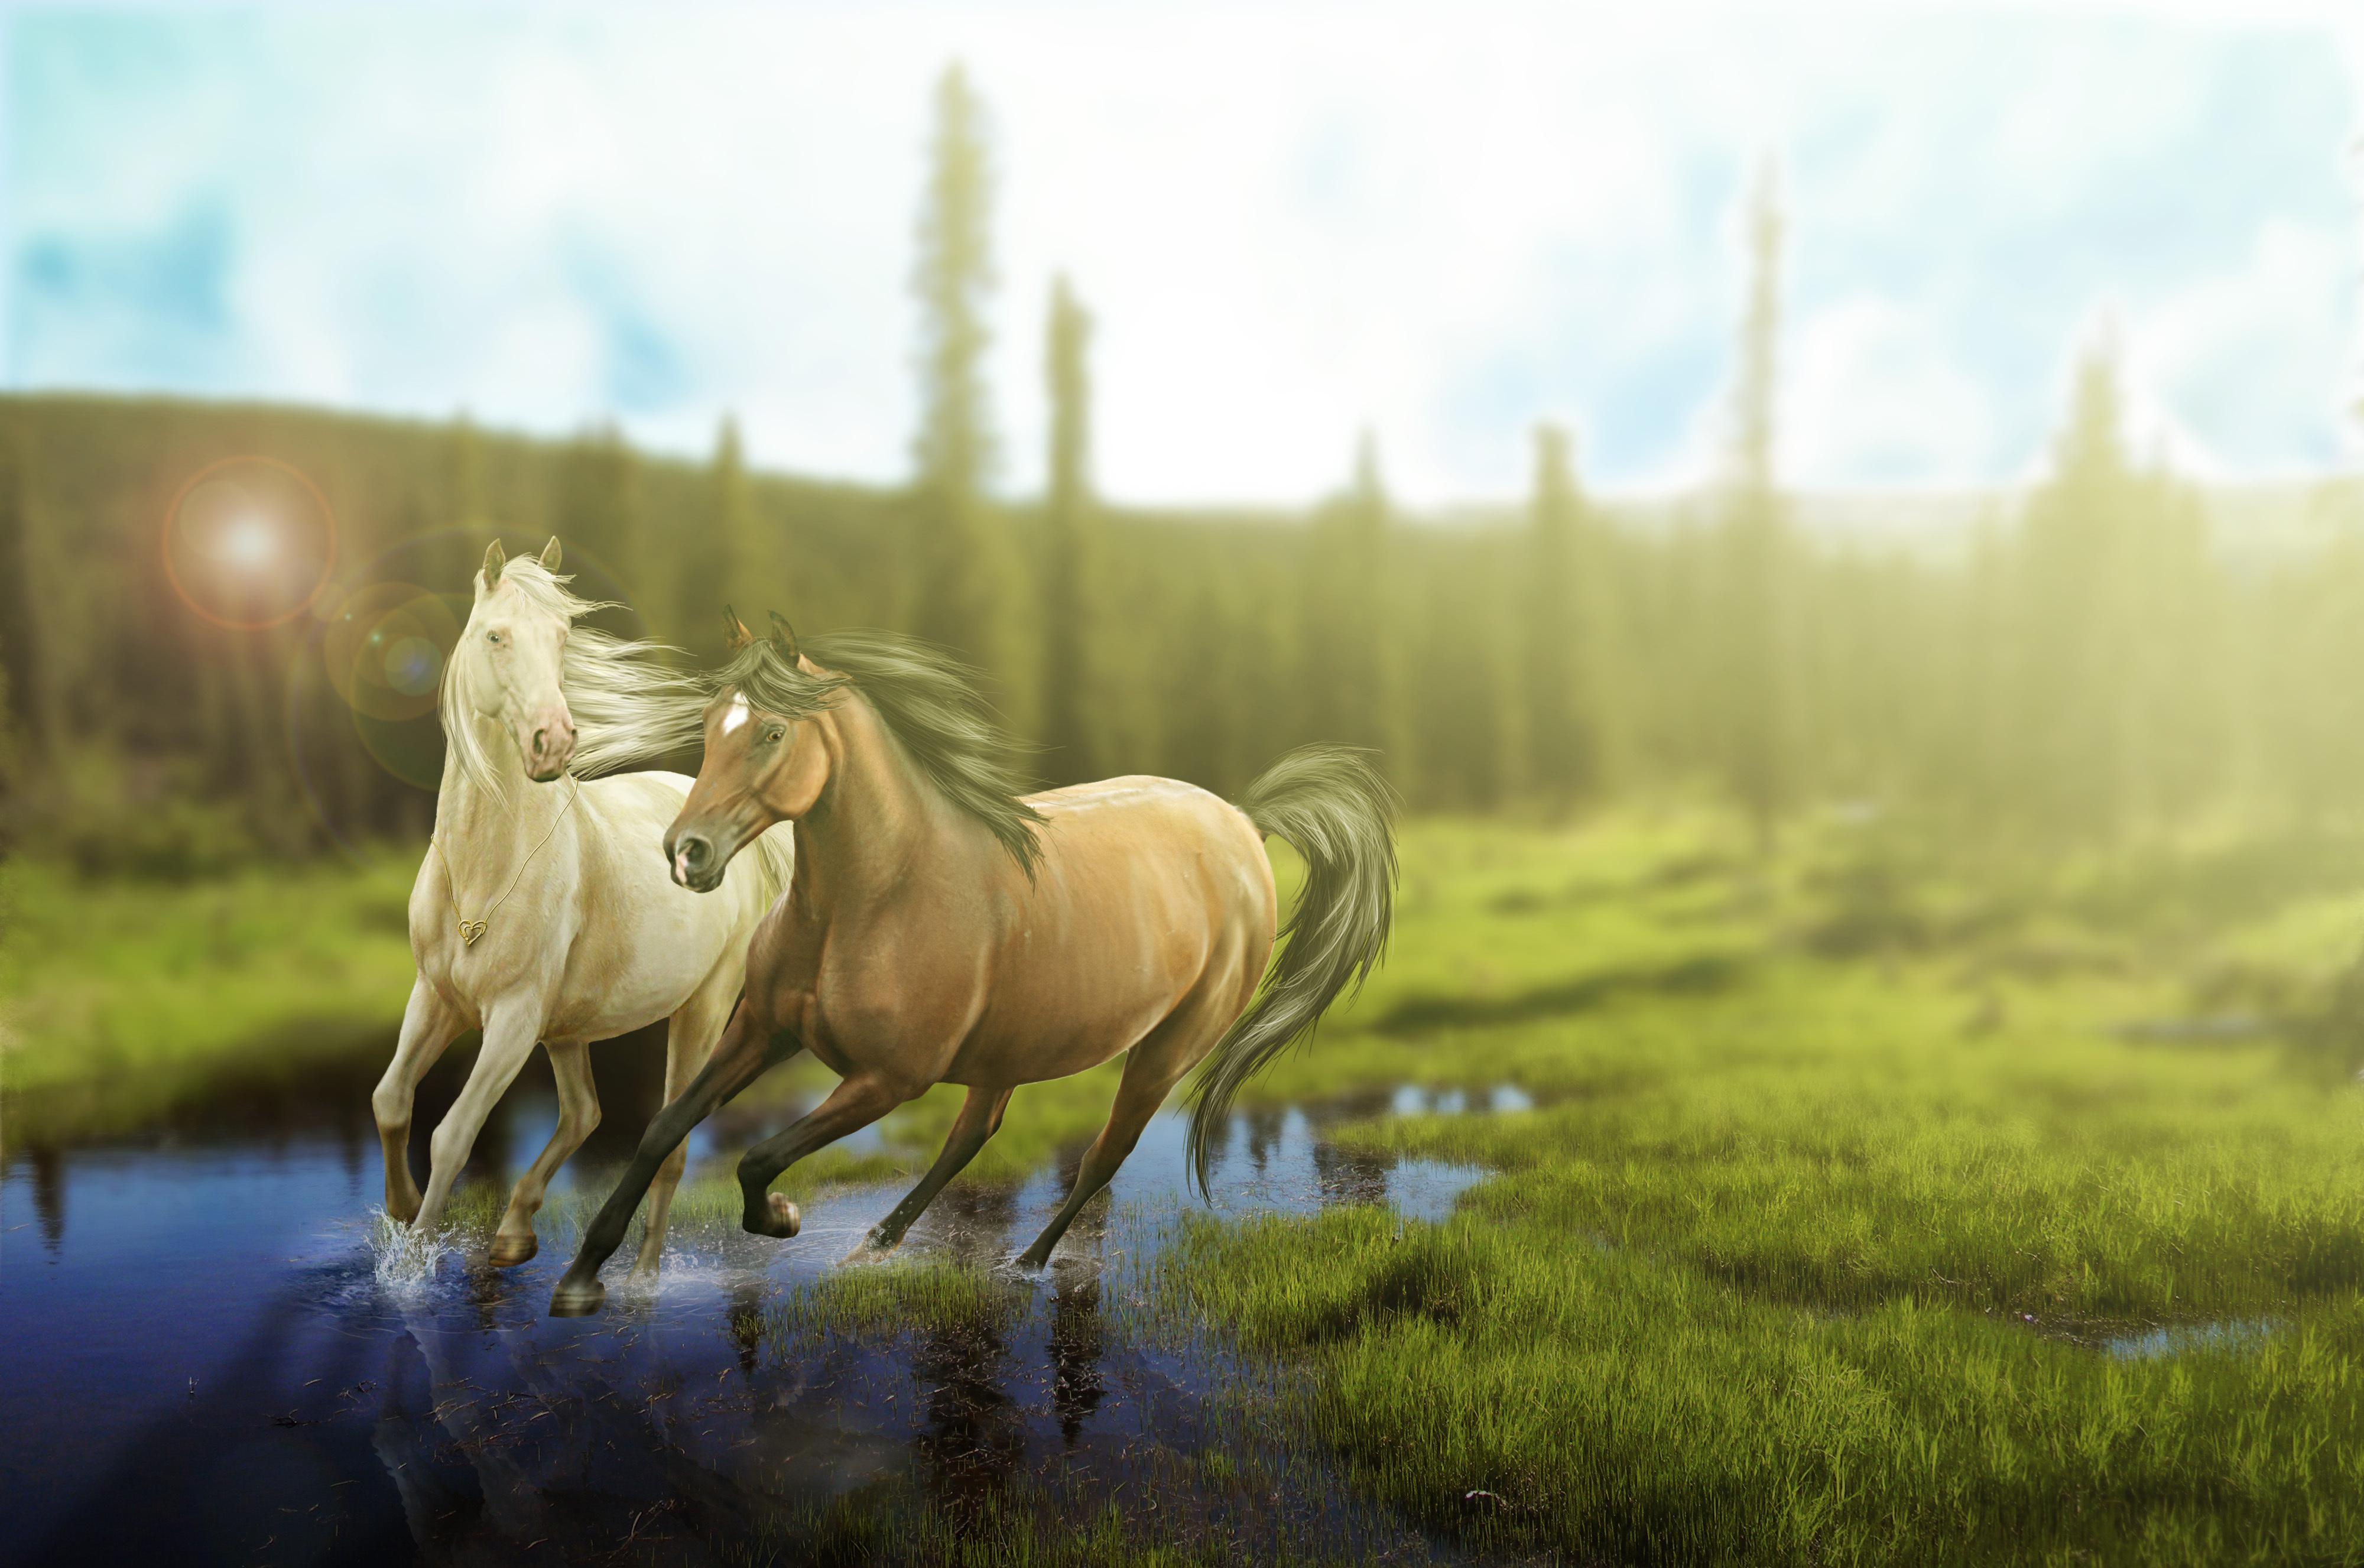 рисунок графика лошадь природа животные figure graphics horse nature animals  № 3925628 без смс